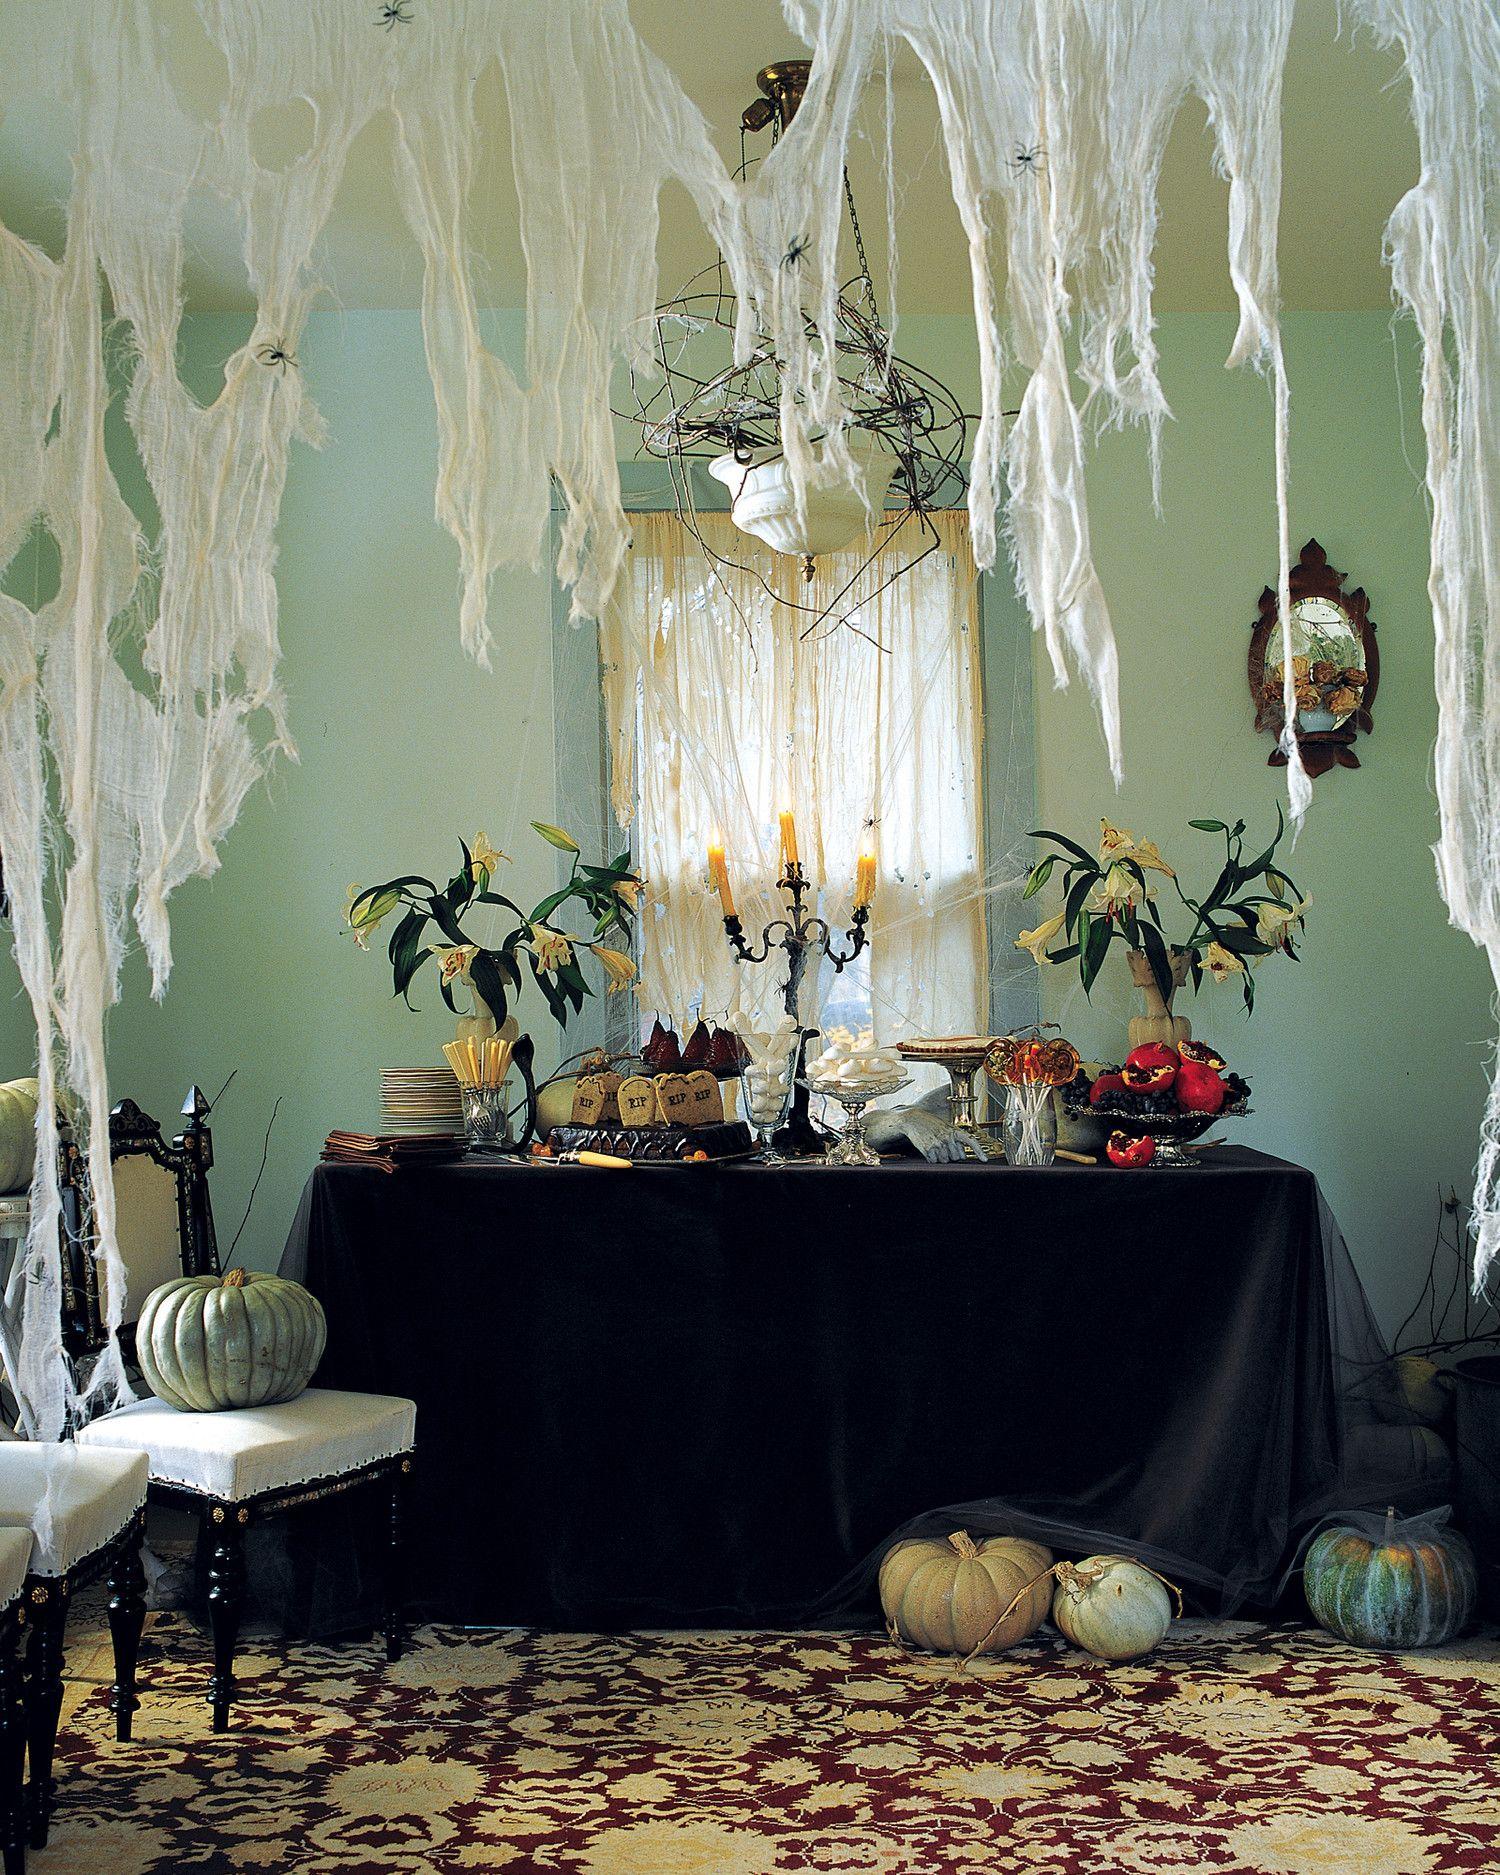 20 Of Our Best Indoor Halloween Decorations